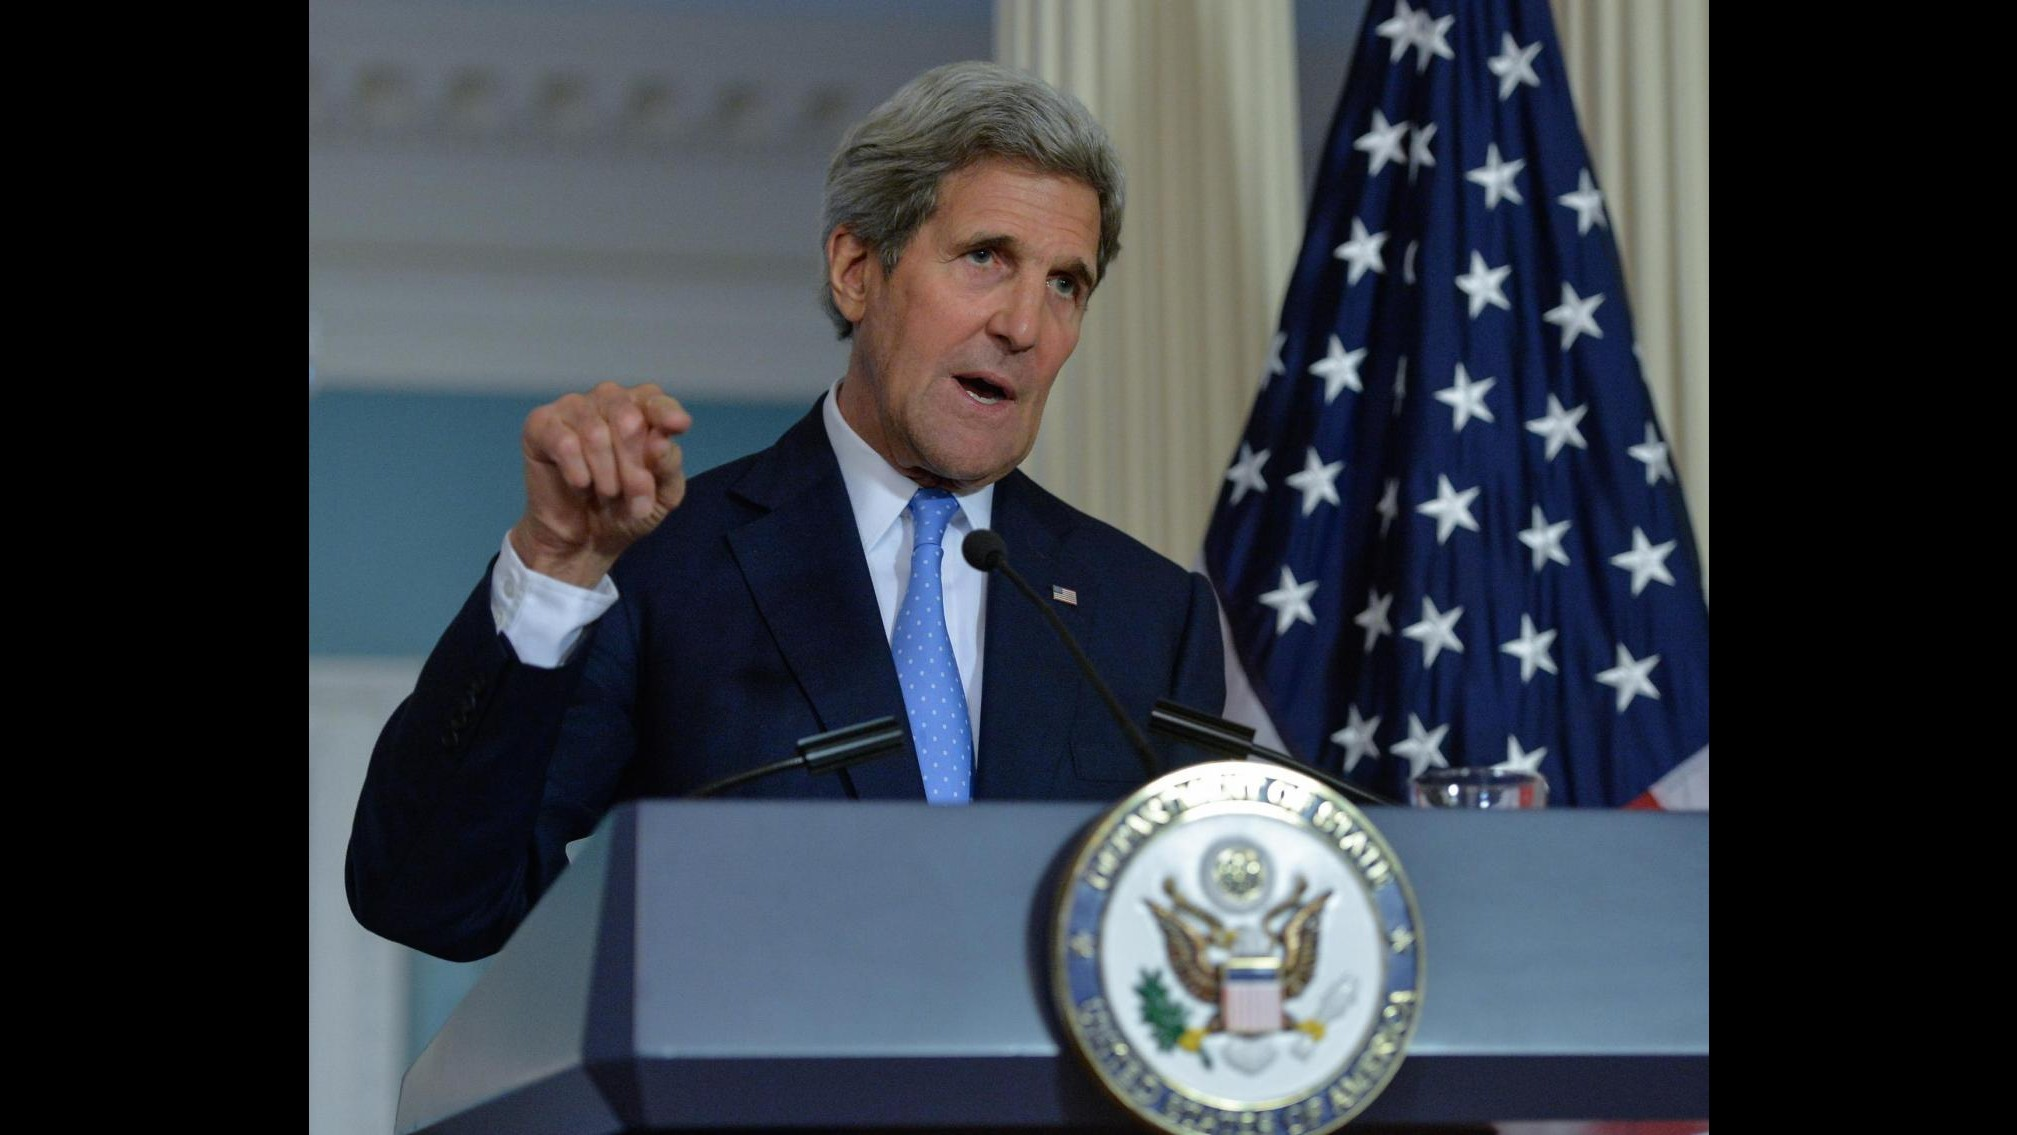 Usa, Kerry operato con successo dopo frattura gamba: domani già in piedi